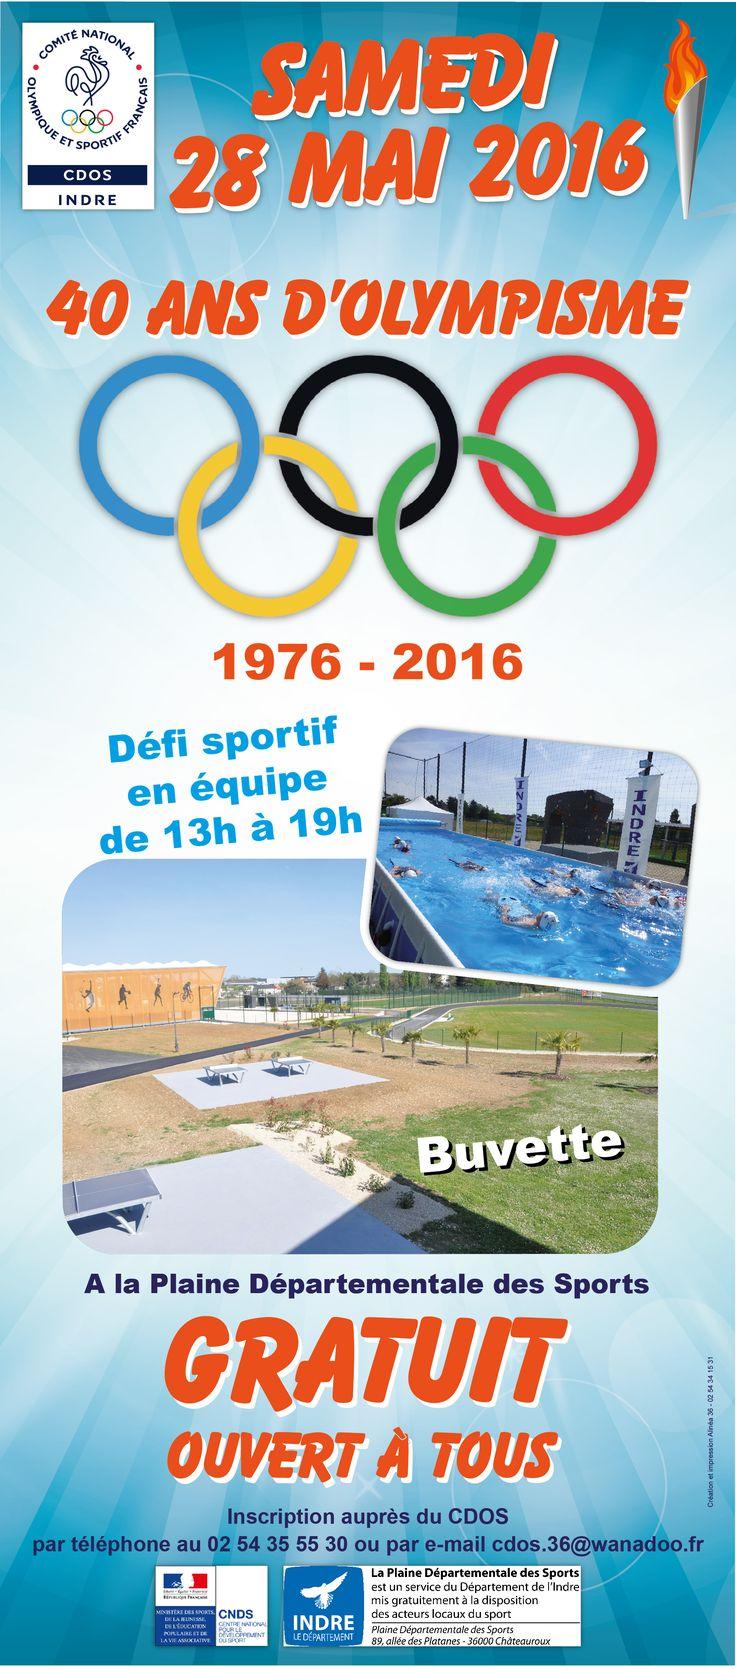 40 ans d'Olympisme, Châteauroux, Maison départementale des sports, 89 allée des platanes, Samedi 28 Mai 2016, 13h00 > 19h00